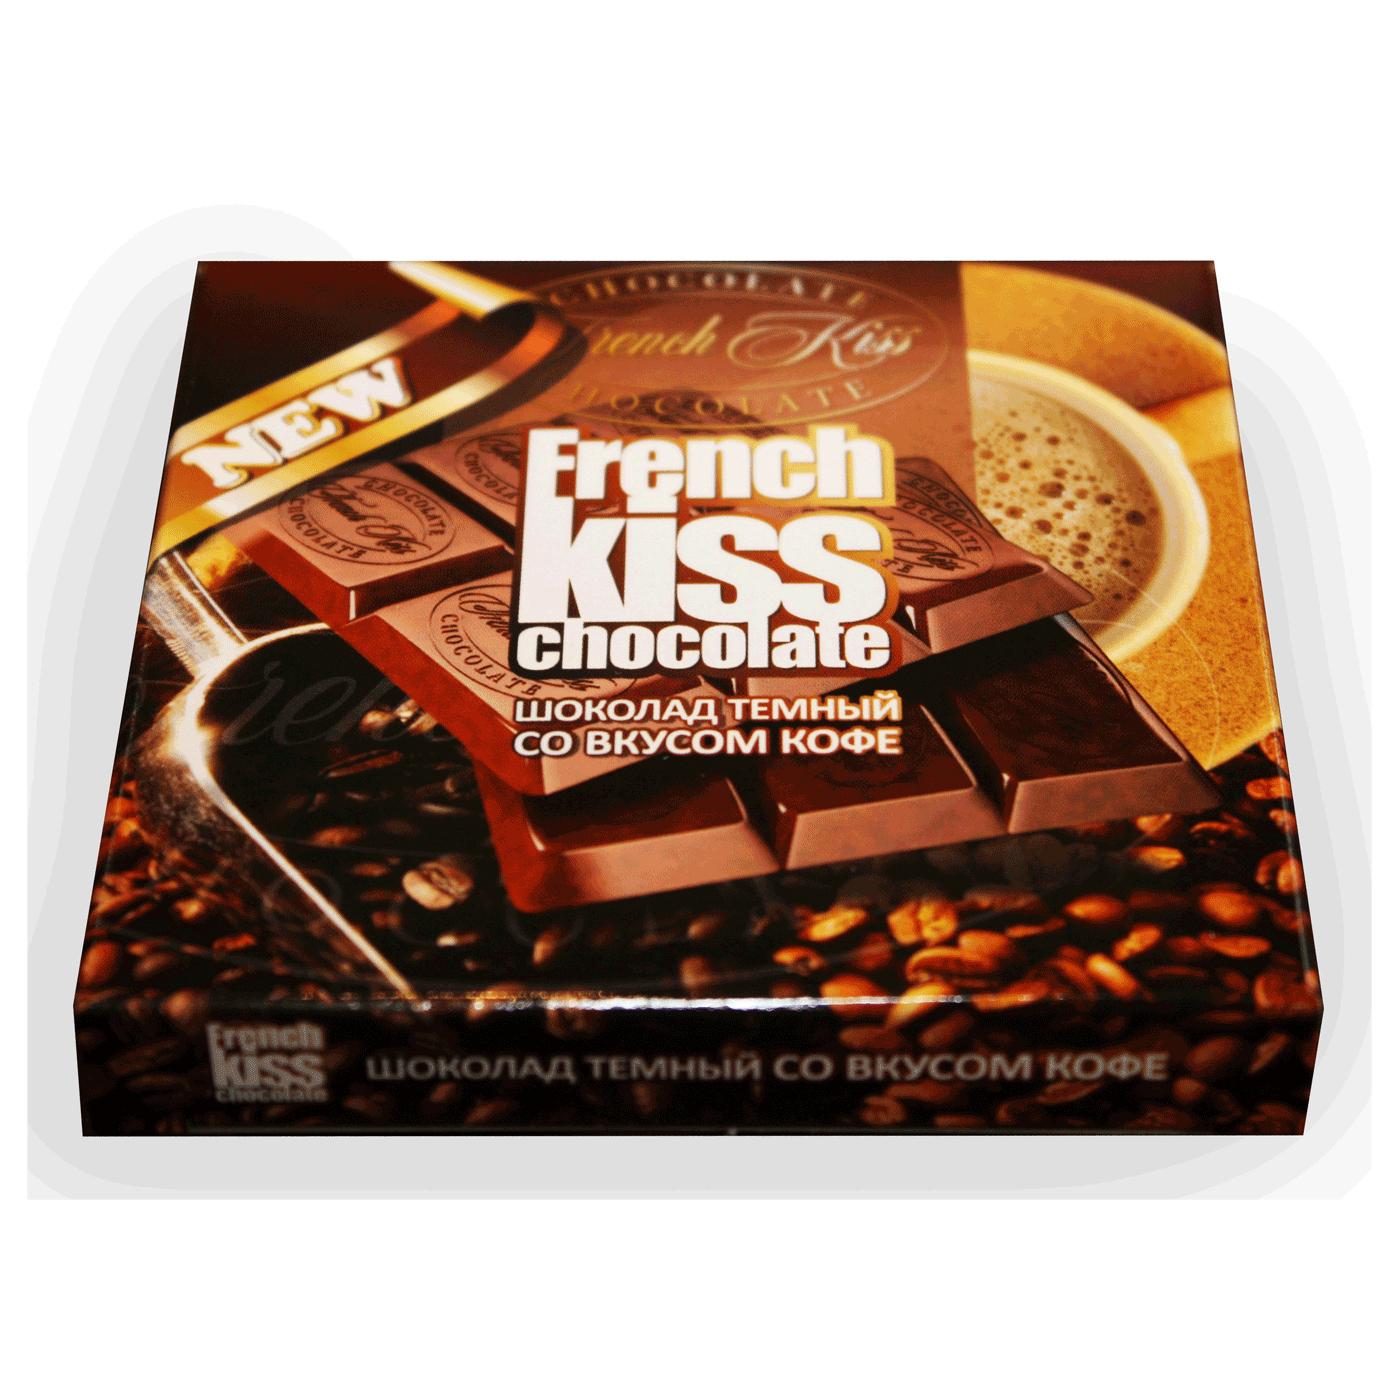 Шоколад темный со вкусом кофе